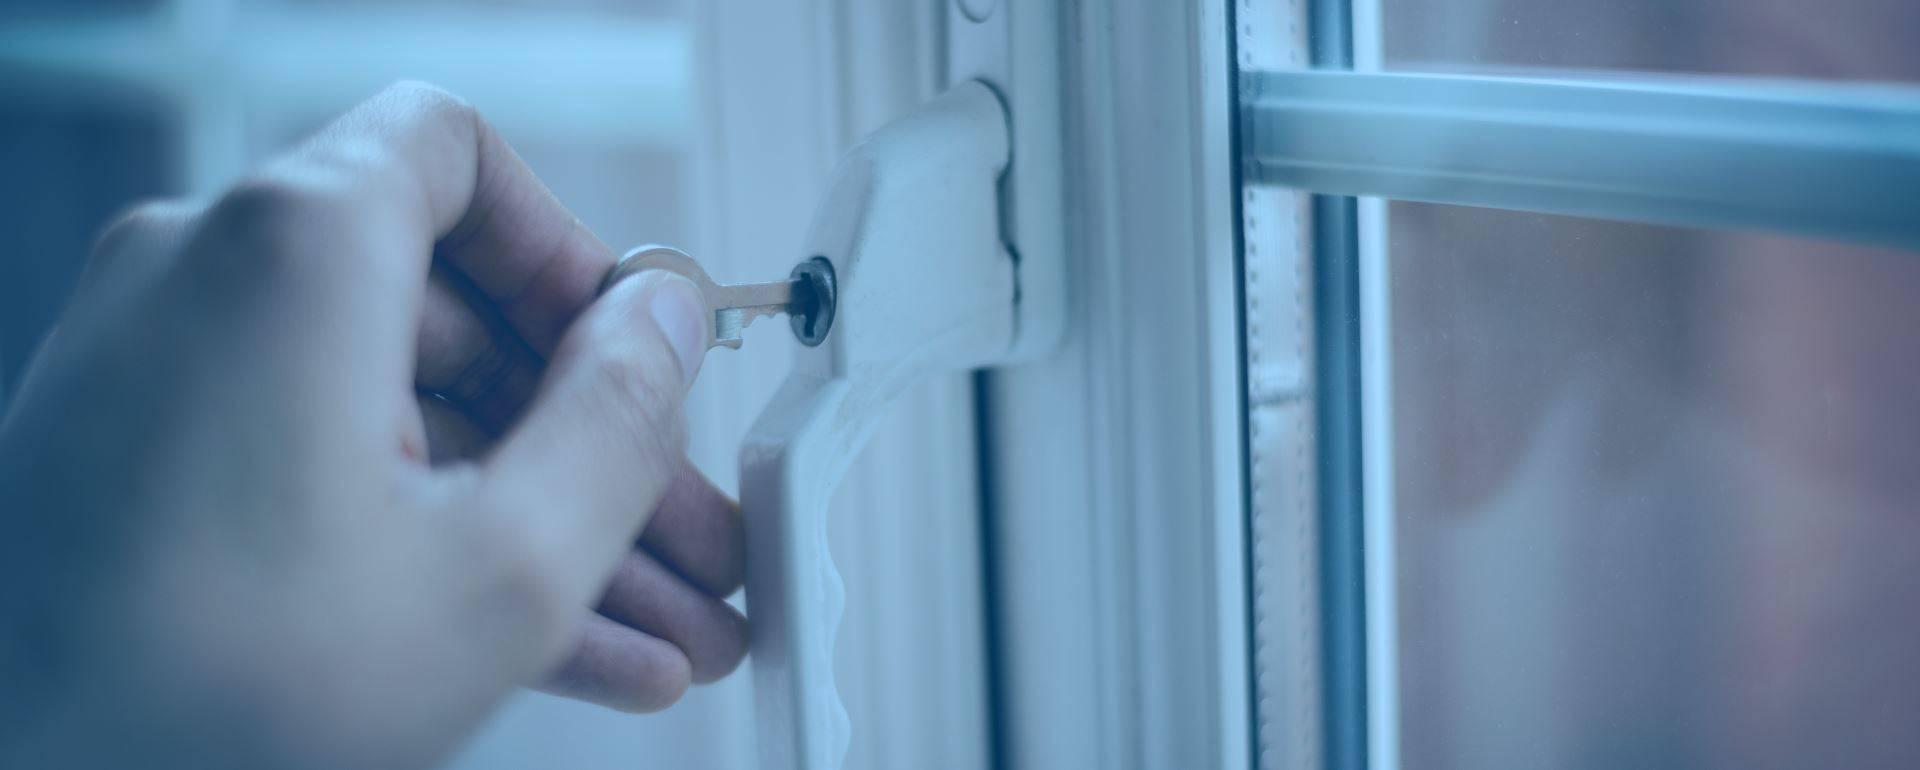 hand turning key in double glazing door handle lock